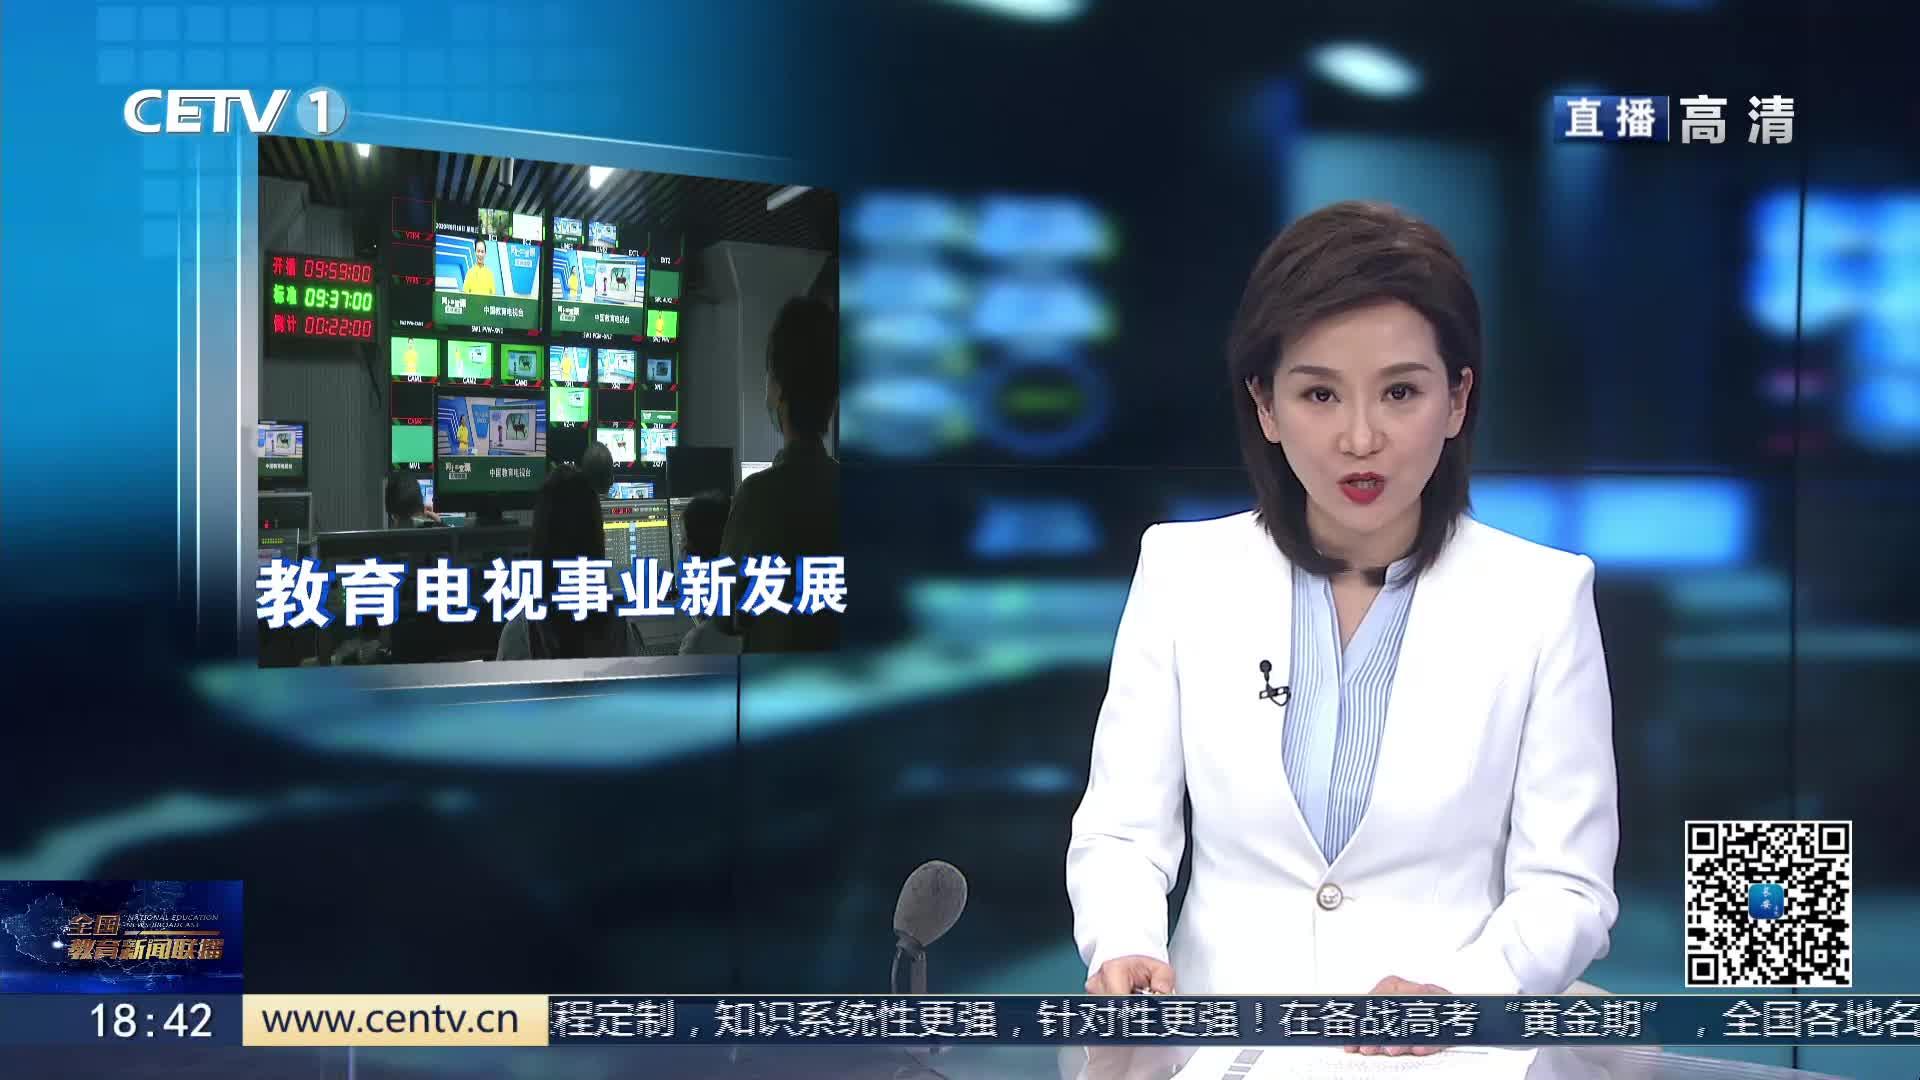 在全面建设社会主义现代化国家新征程中 推进教育电视事业新发展